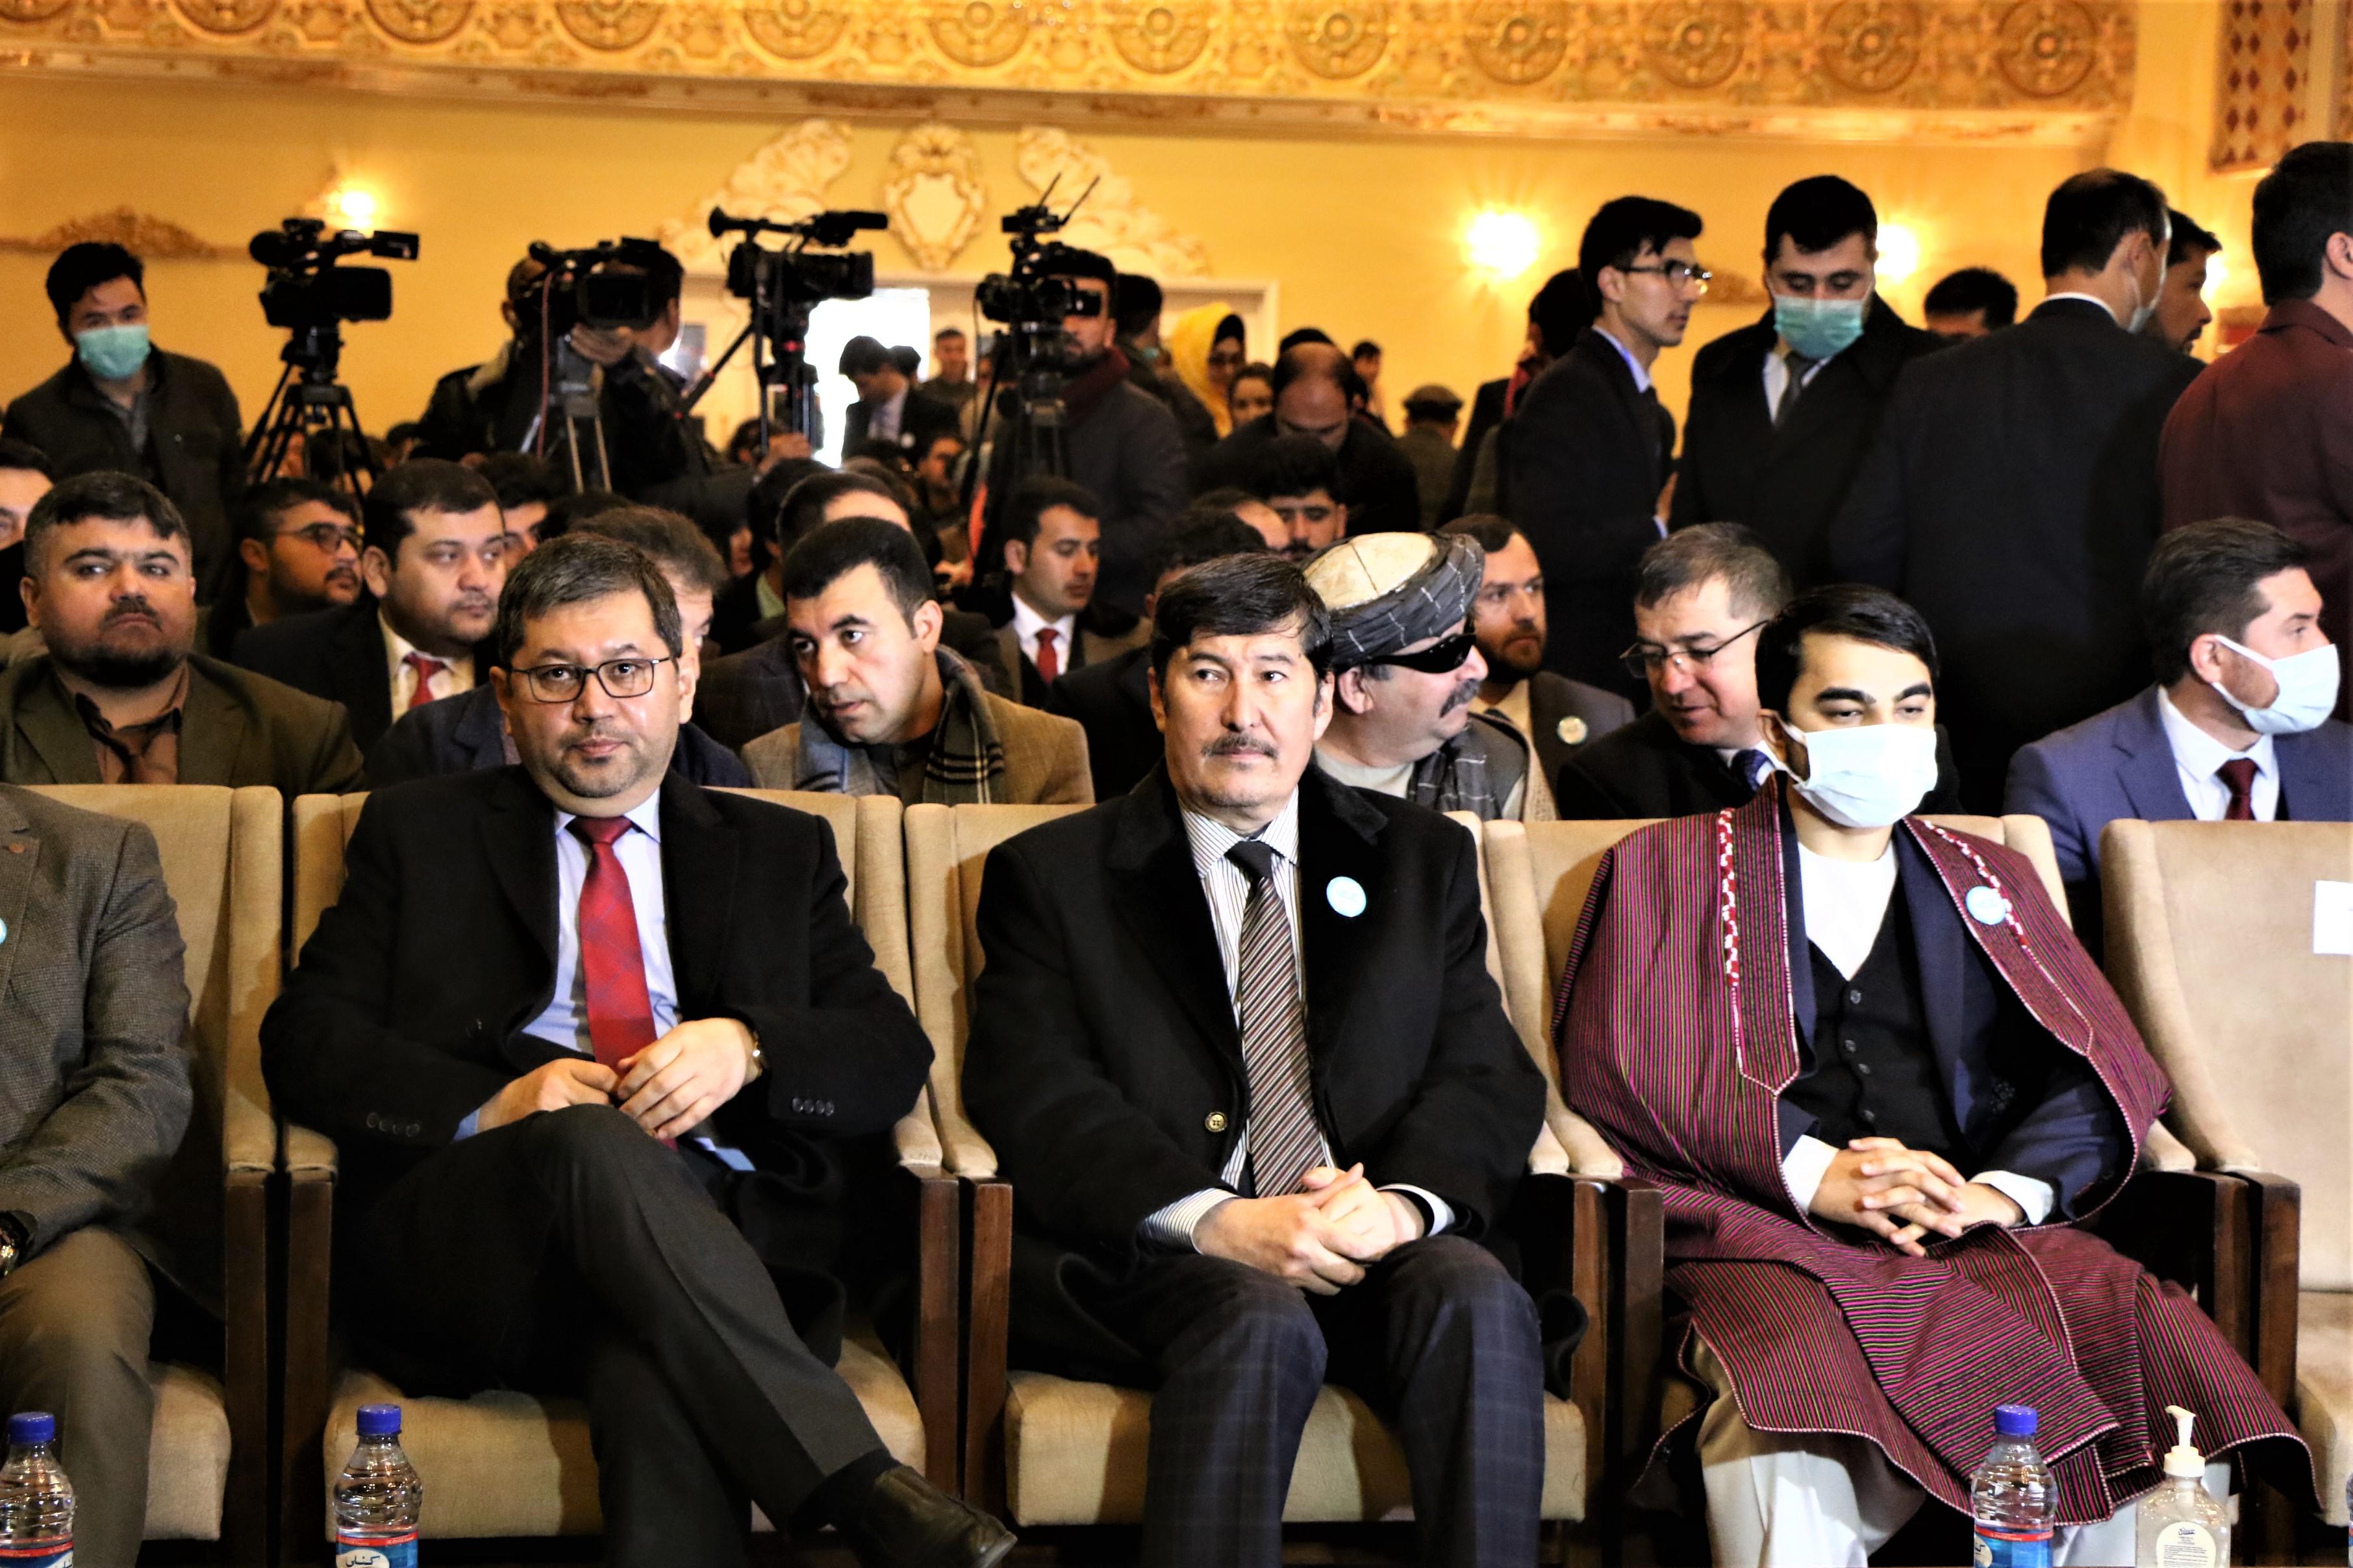 هفدهمین سالگرد رسمی شدن زبان های ازبیکی و ترکمنی